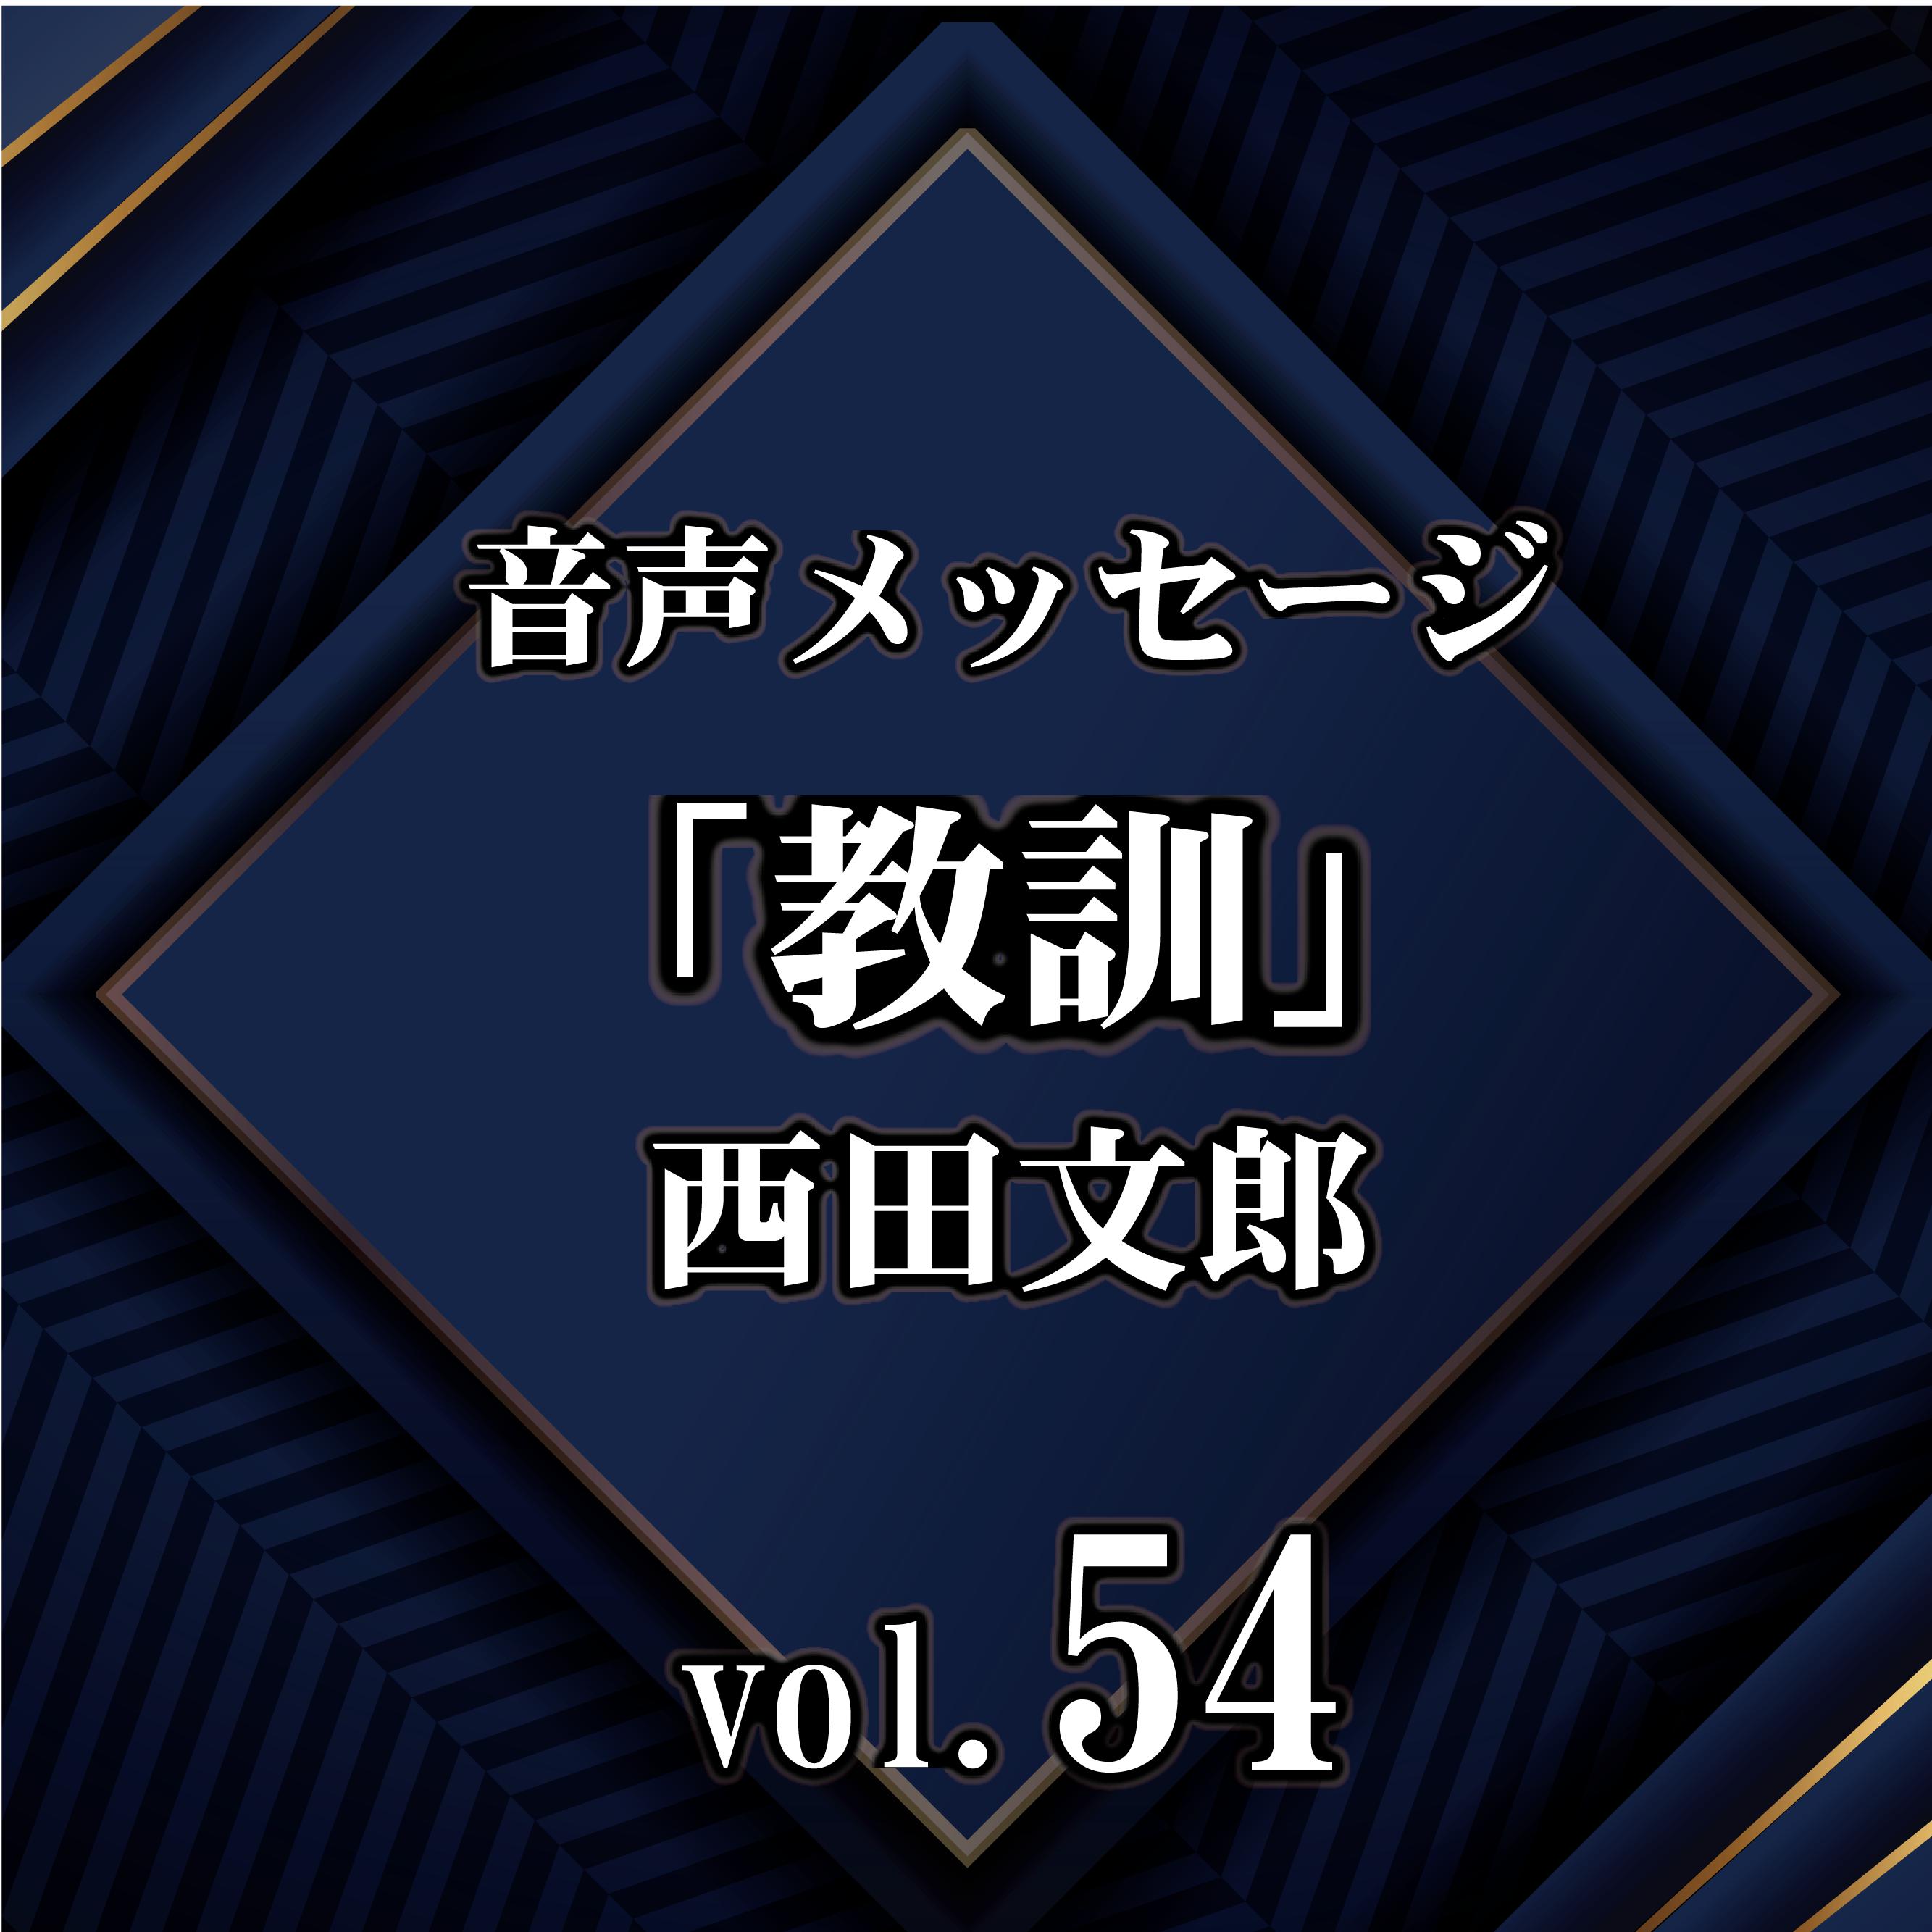 西田文郎 音声メッセージvol.54『教訓』